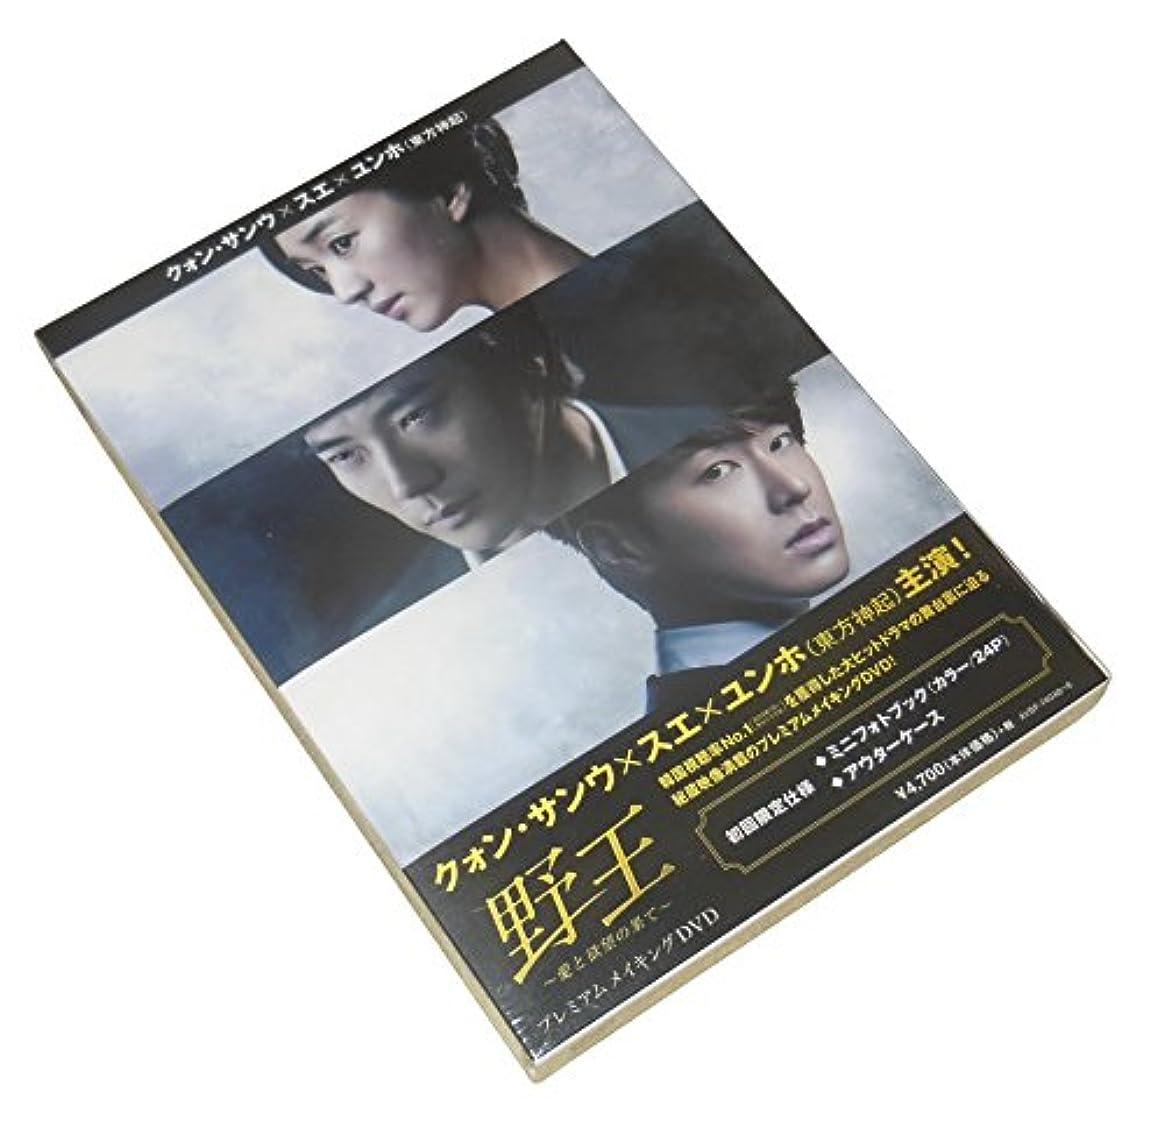 役員石土器野王~愛と欲望の果て~ プレミアムメイキング 2014 主演: クォン?サンウ